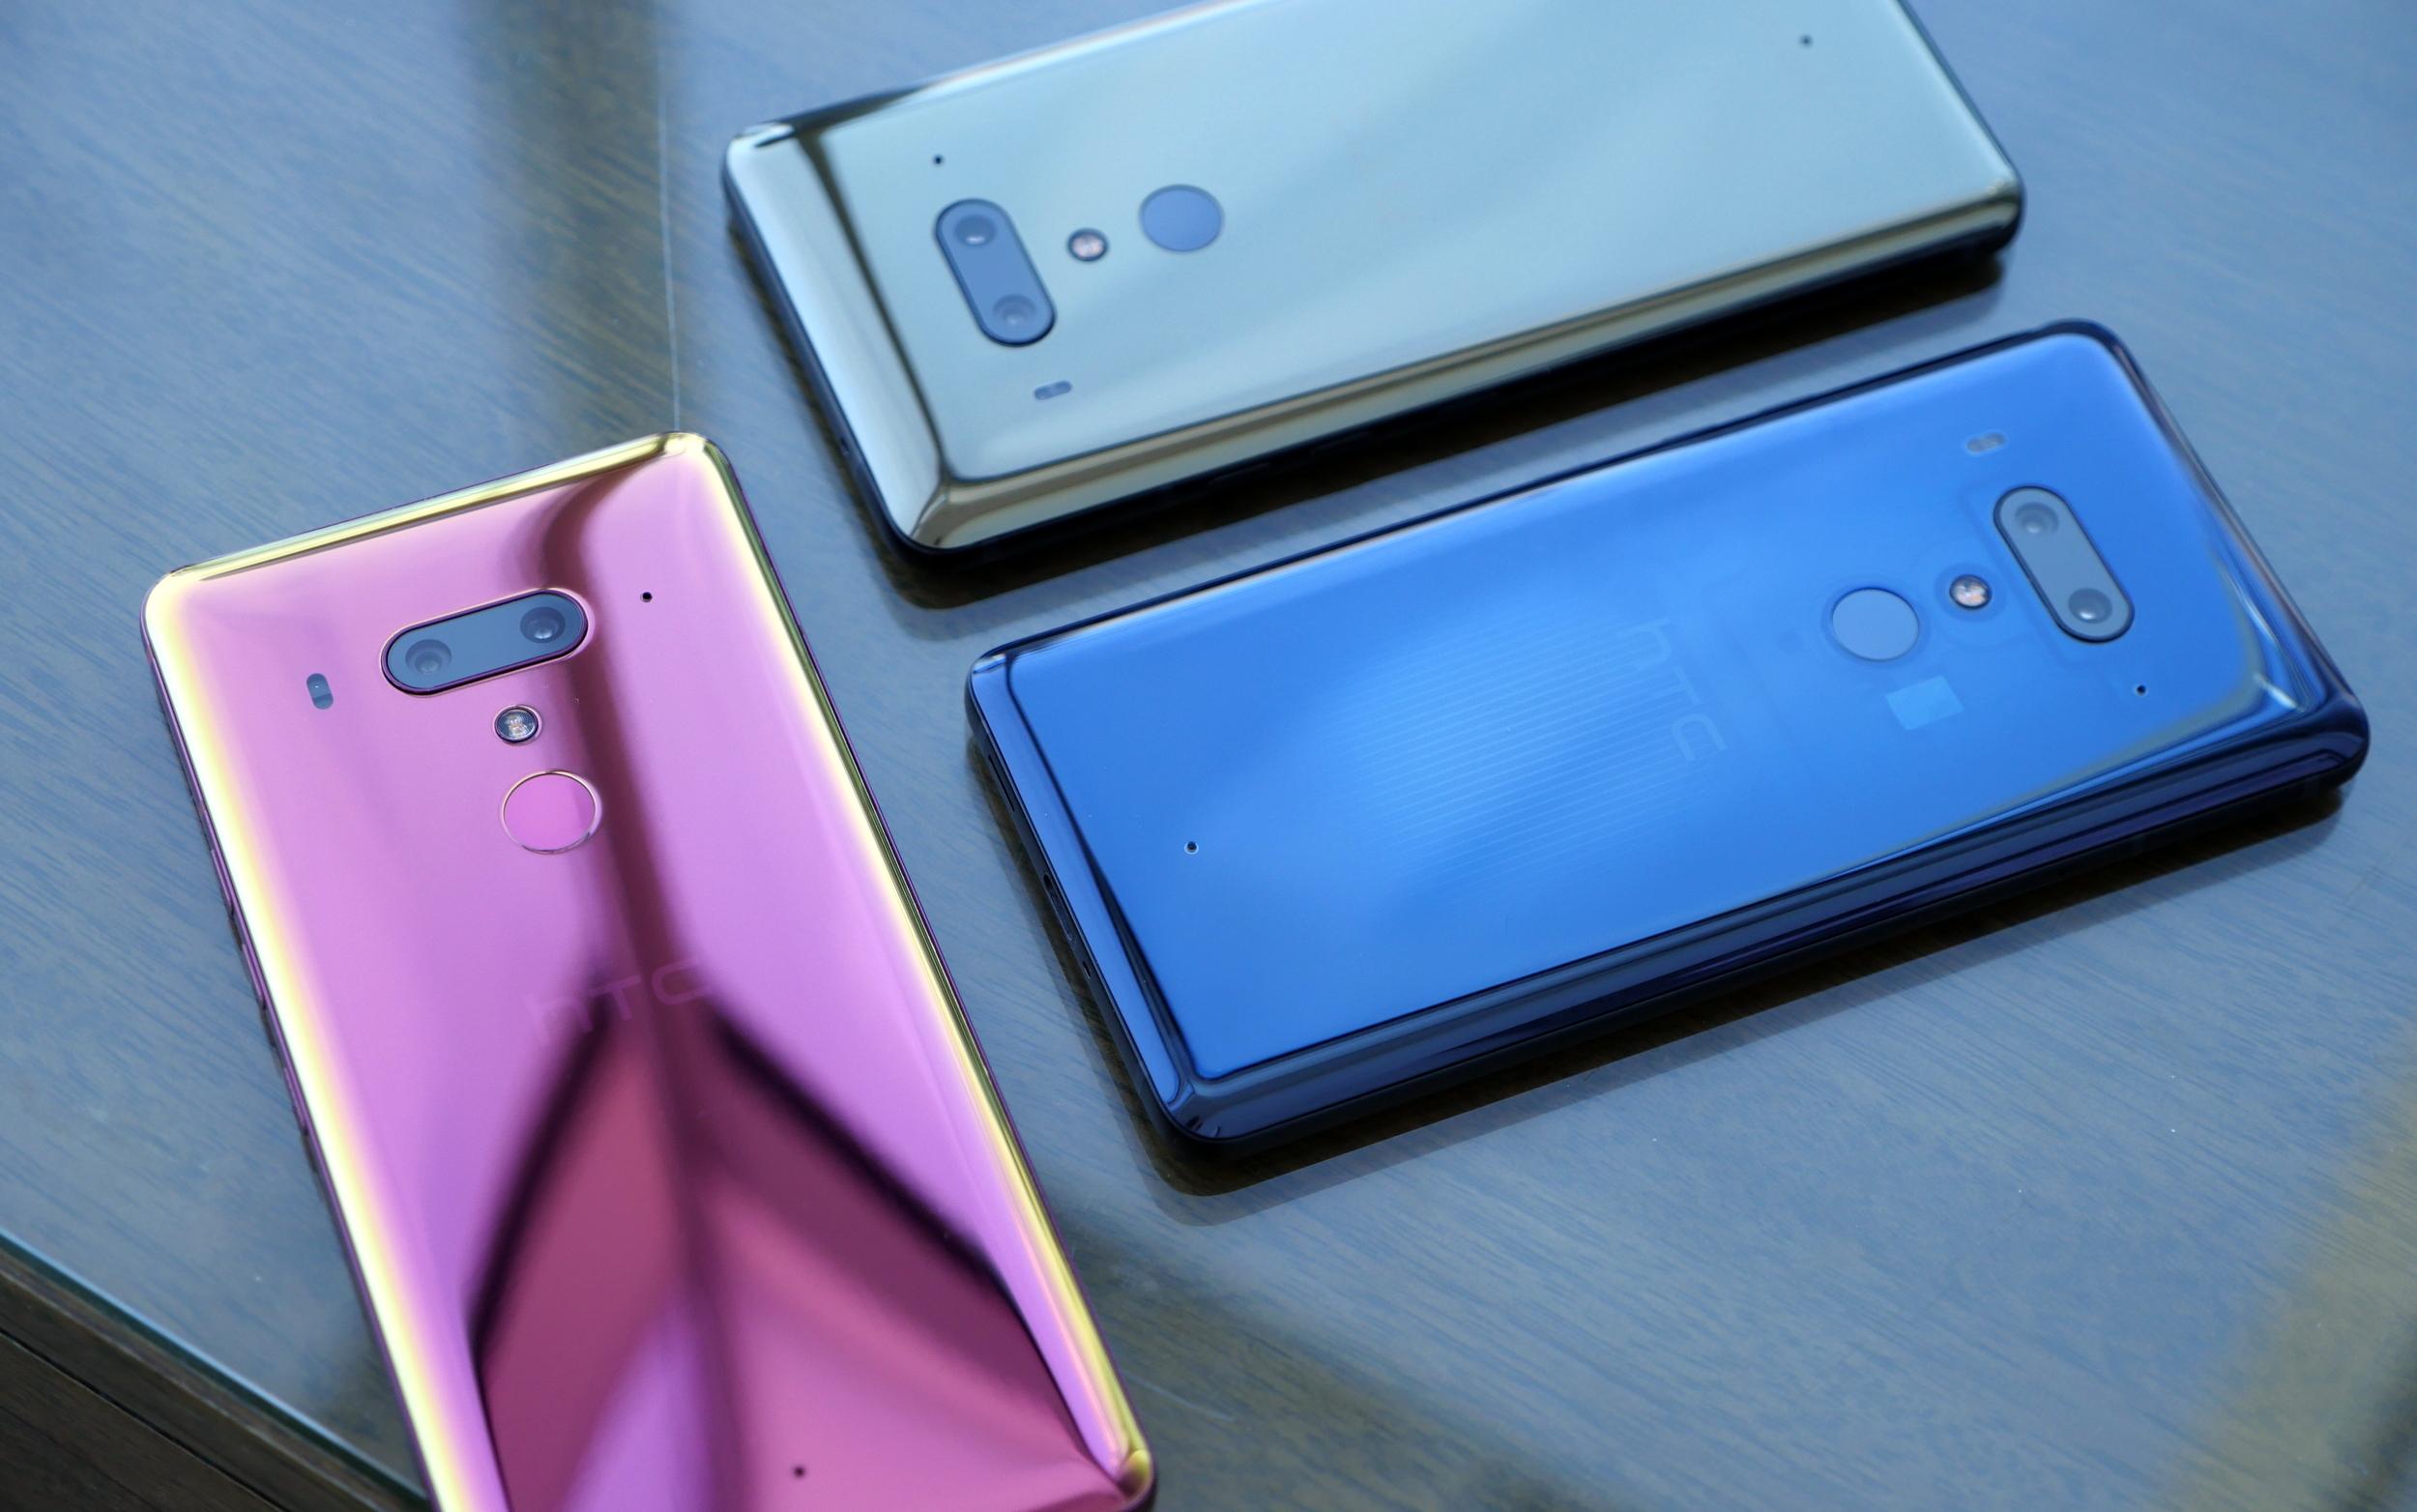 HTC U11, U11+, U12+ to get Android 9 0 Pie update in Q2 2019